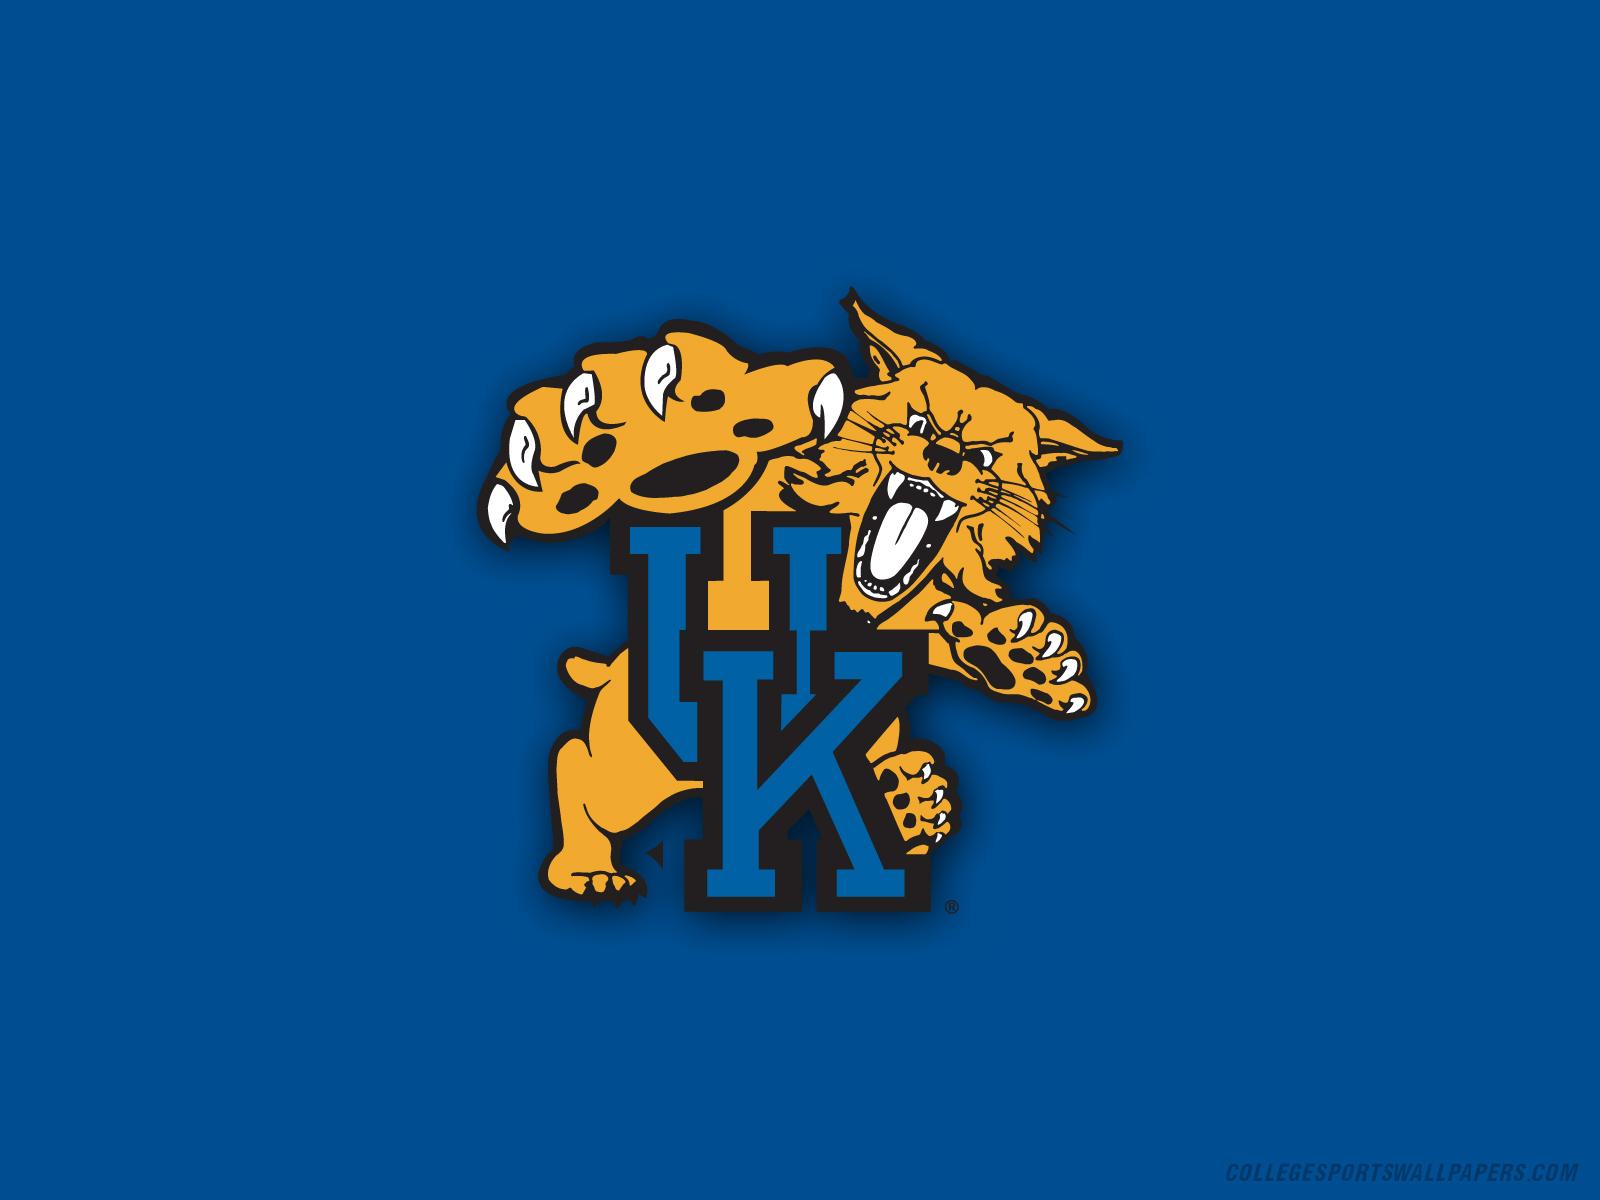 Kentucky Basketball Wallpapers: Kentucky Screensavers And Wallpaper